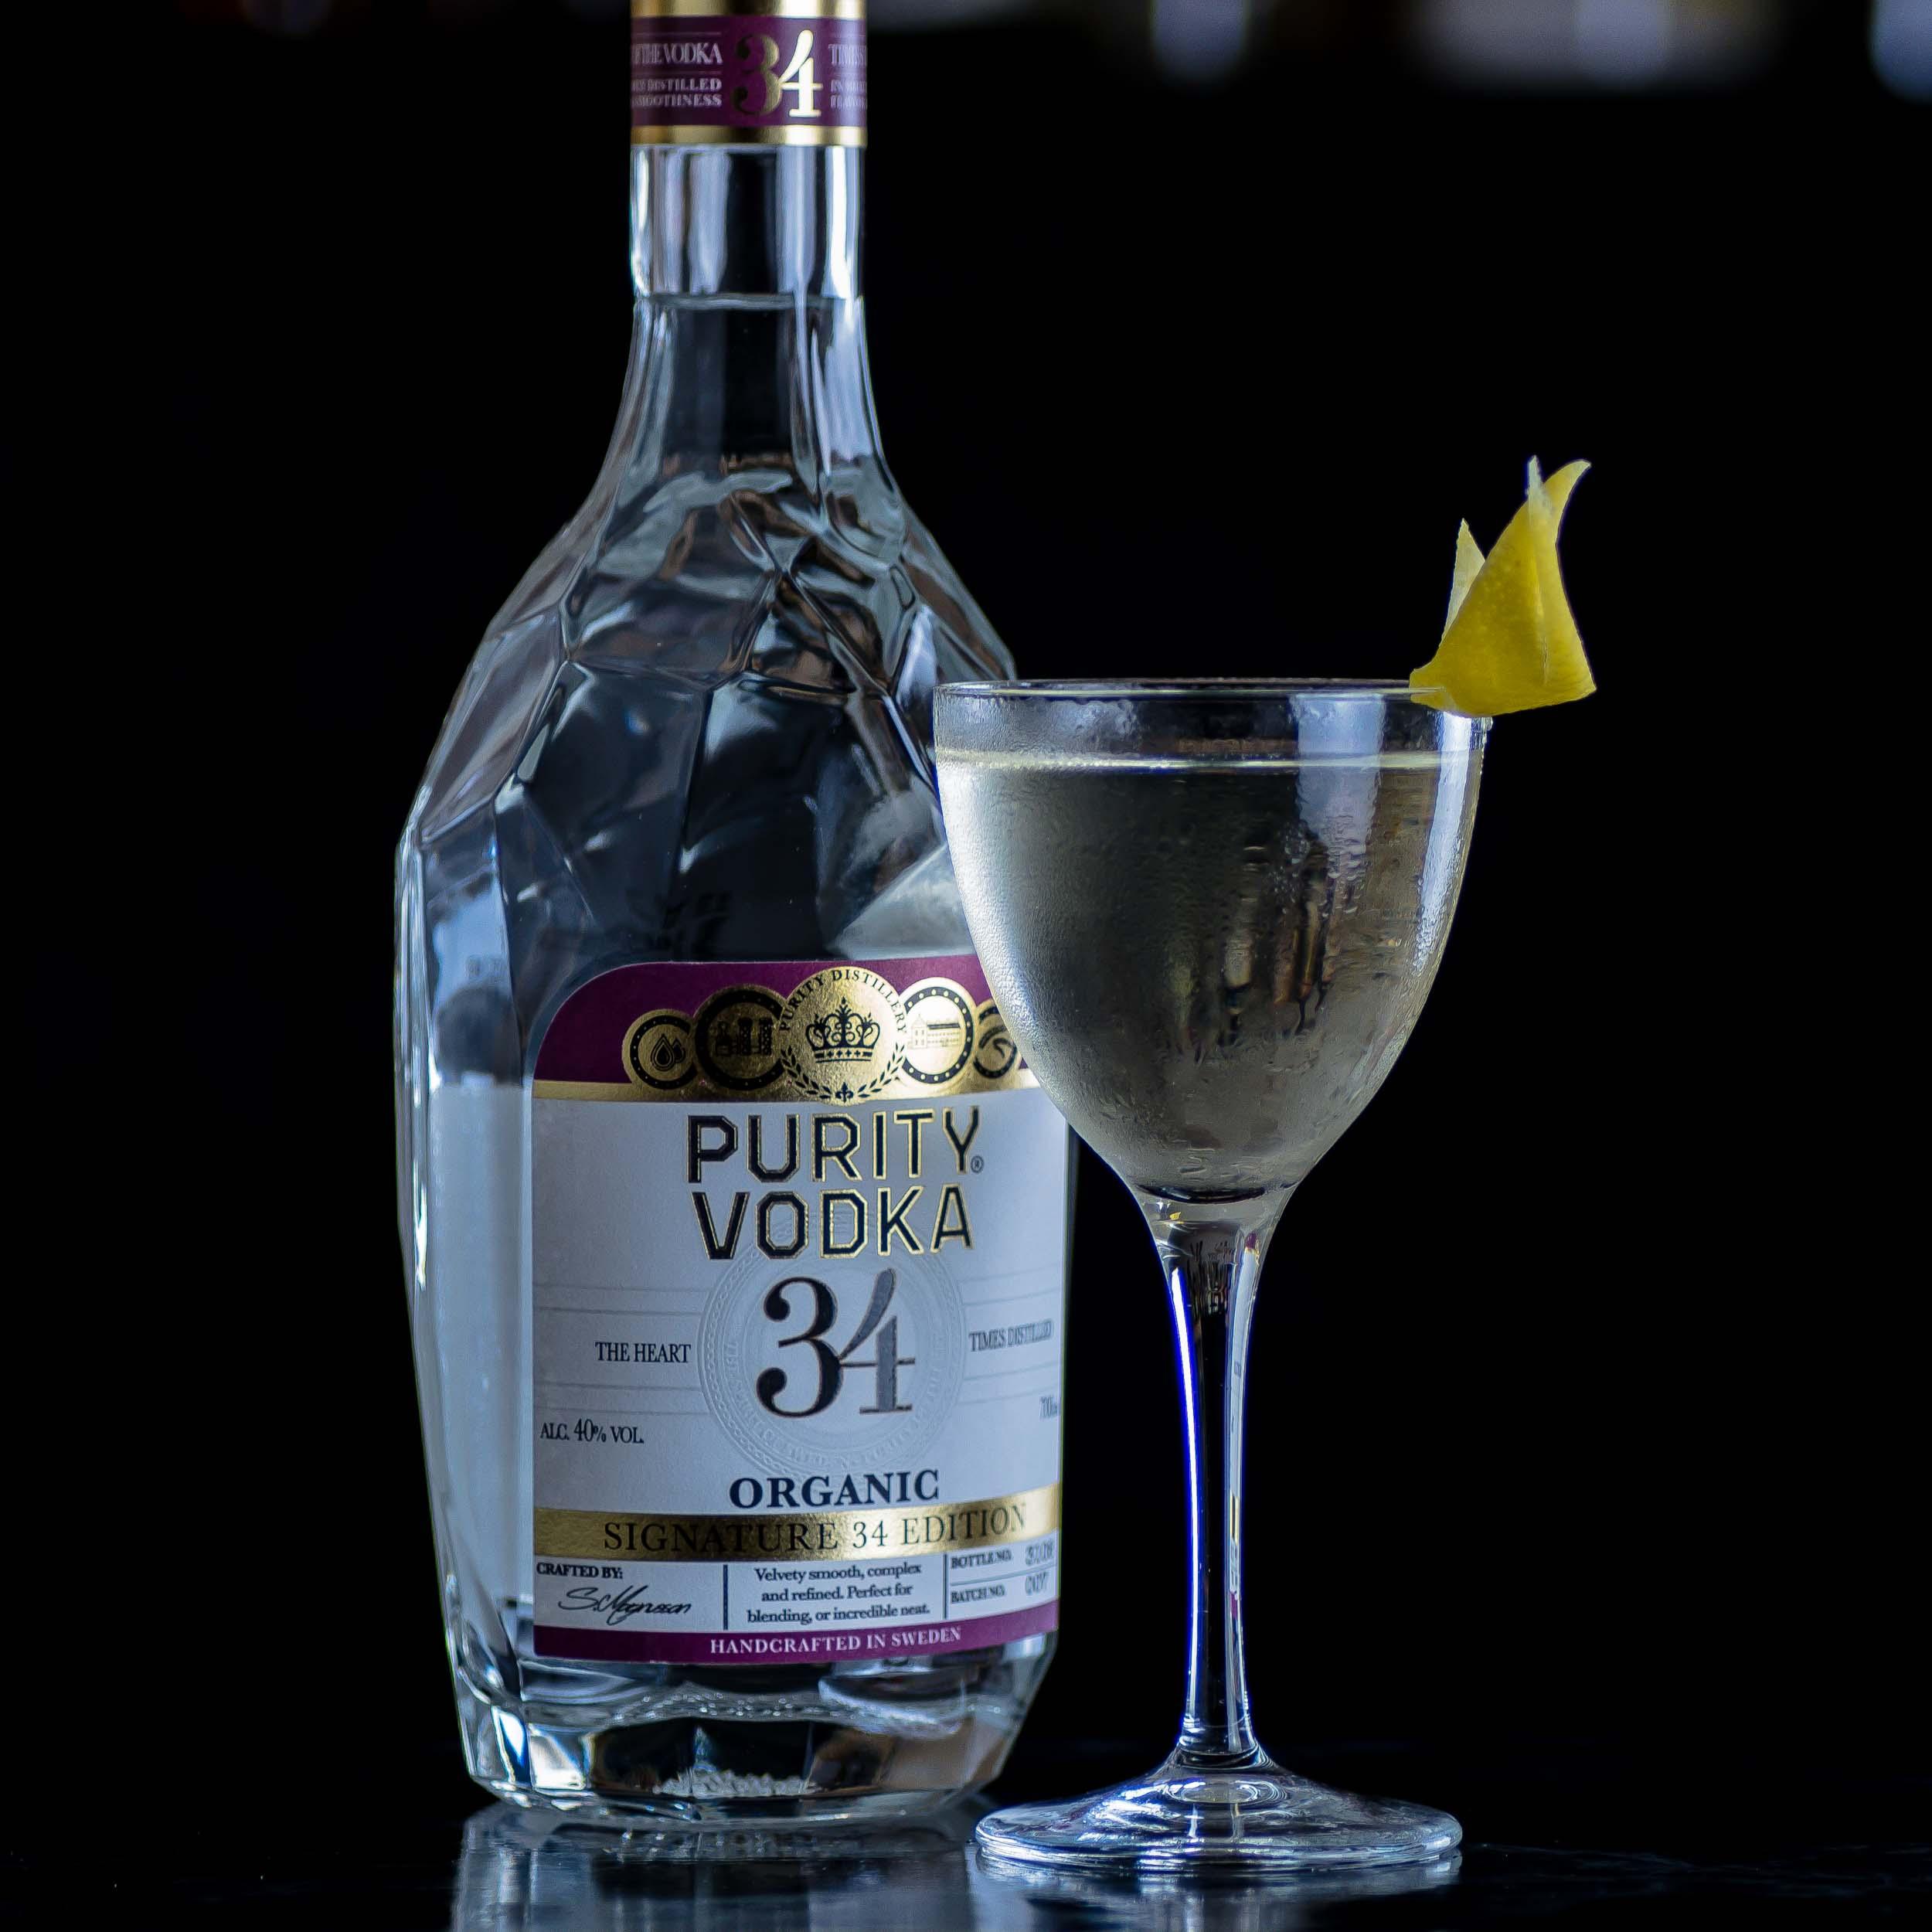 Ein Vesper Martini nach James Bond mit Purity 34 Vodka.